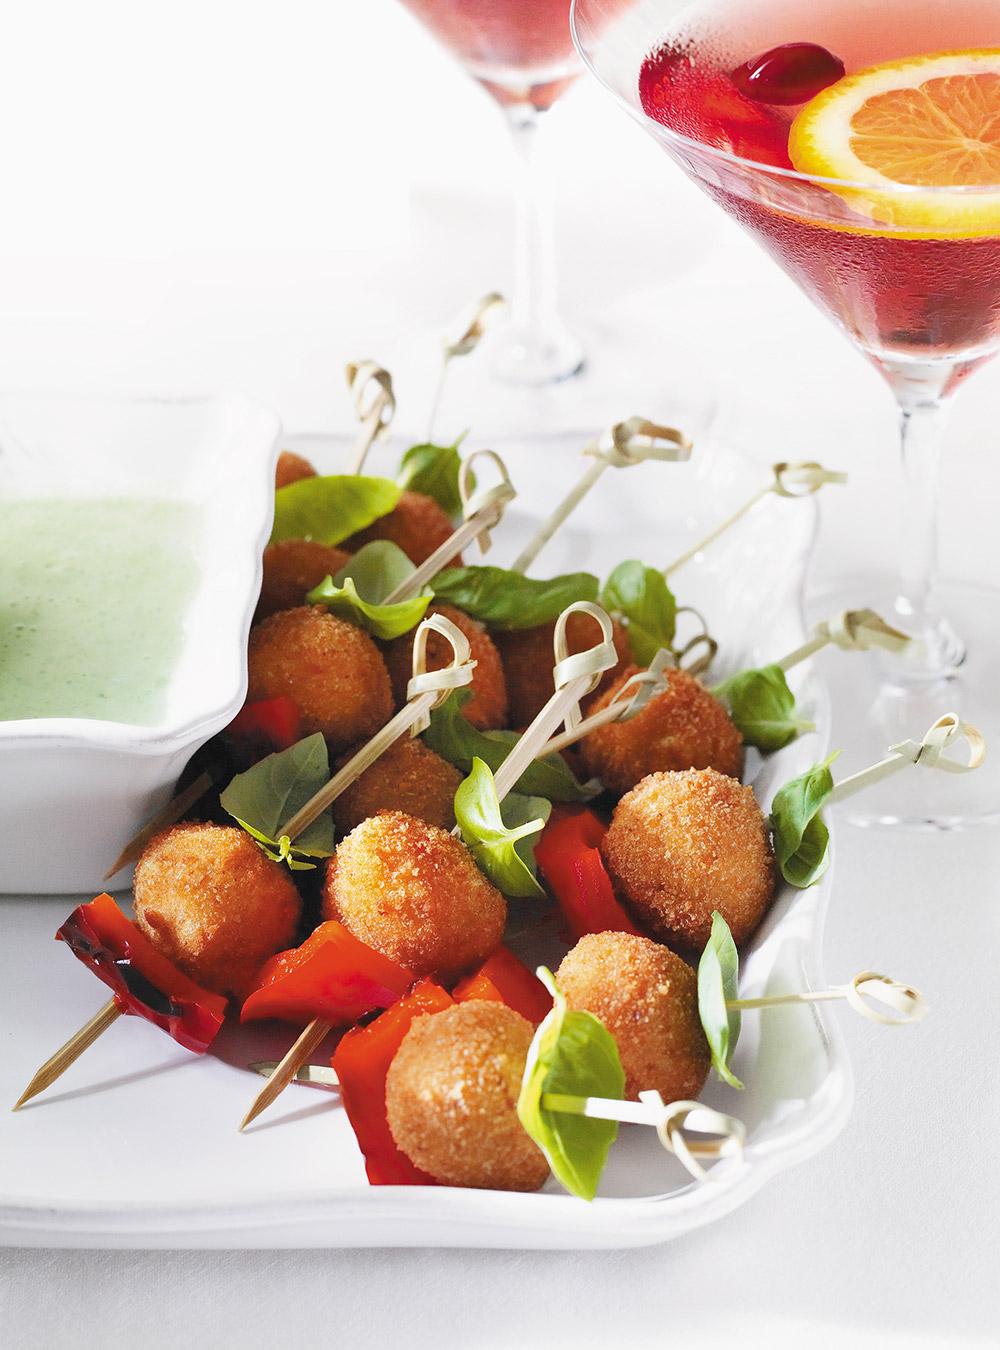 Croquettes de bocconcini au basilic et poivron rouge | ricardo